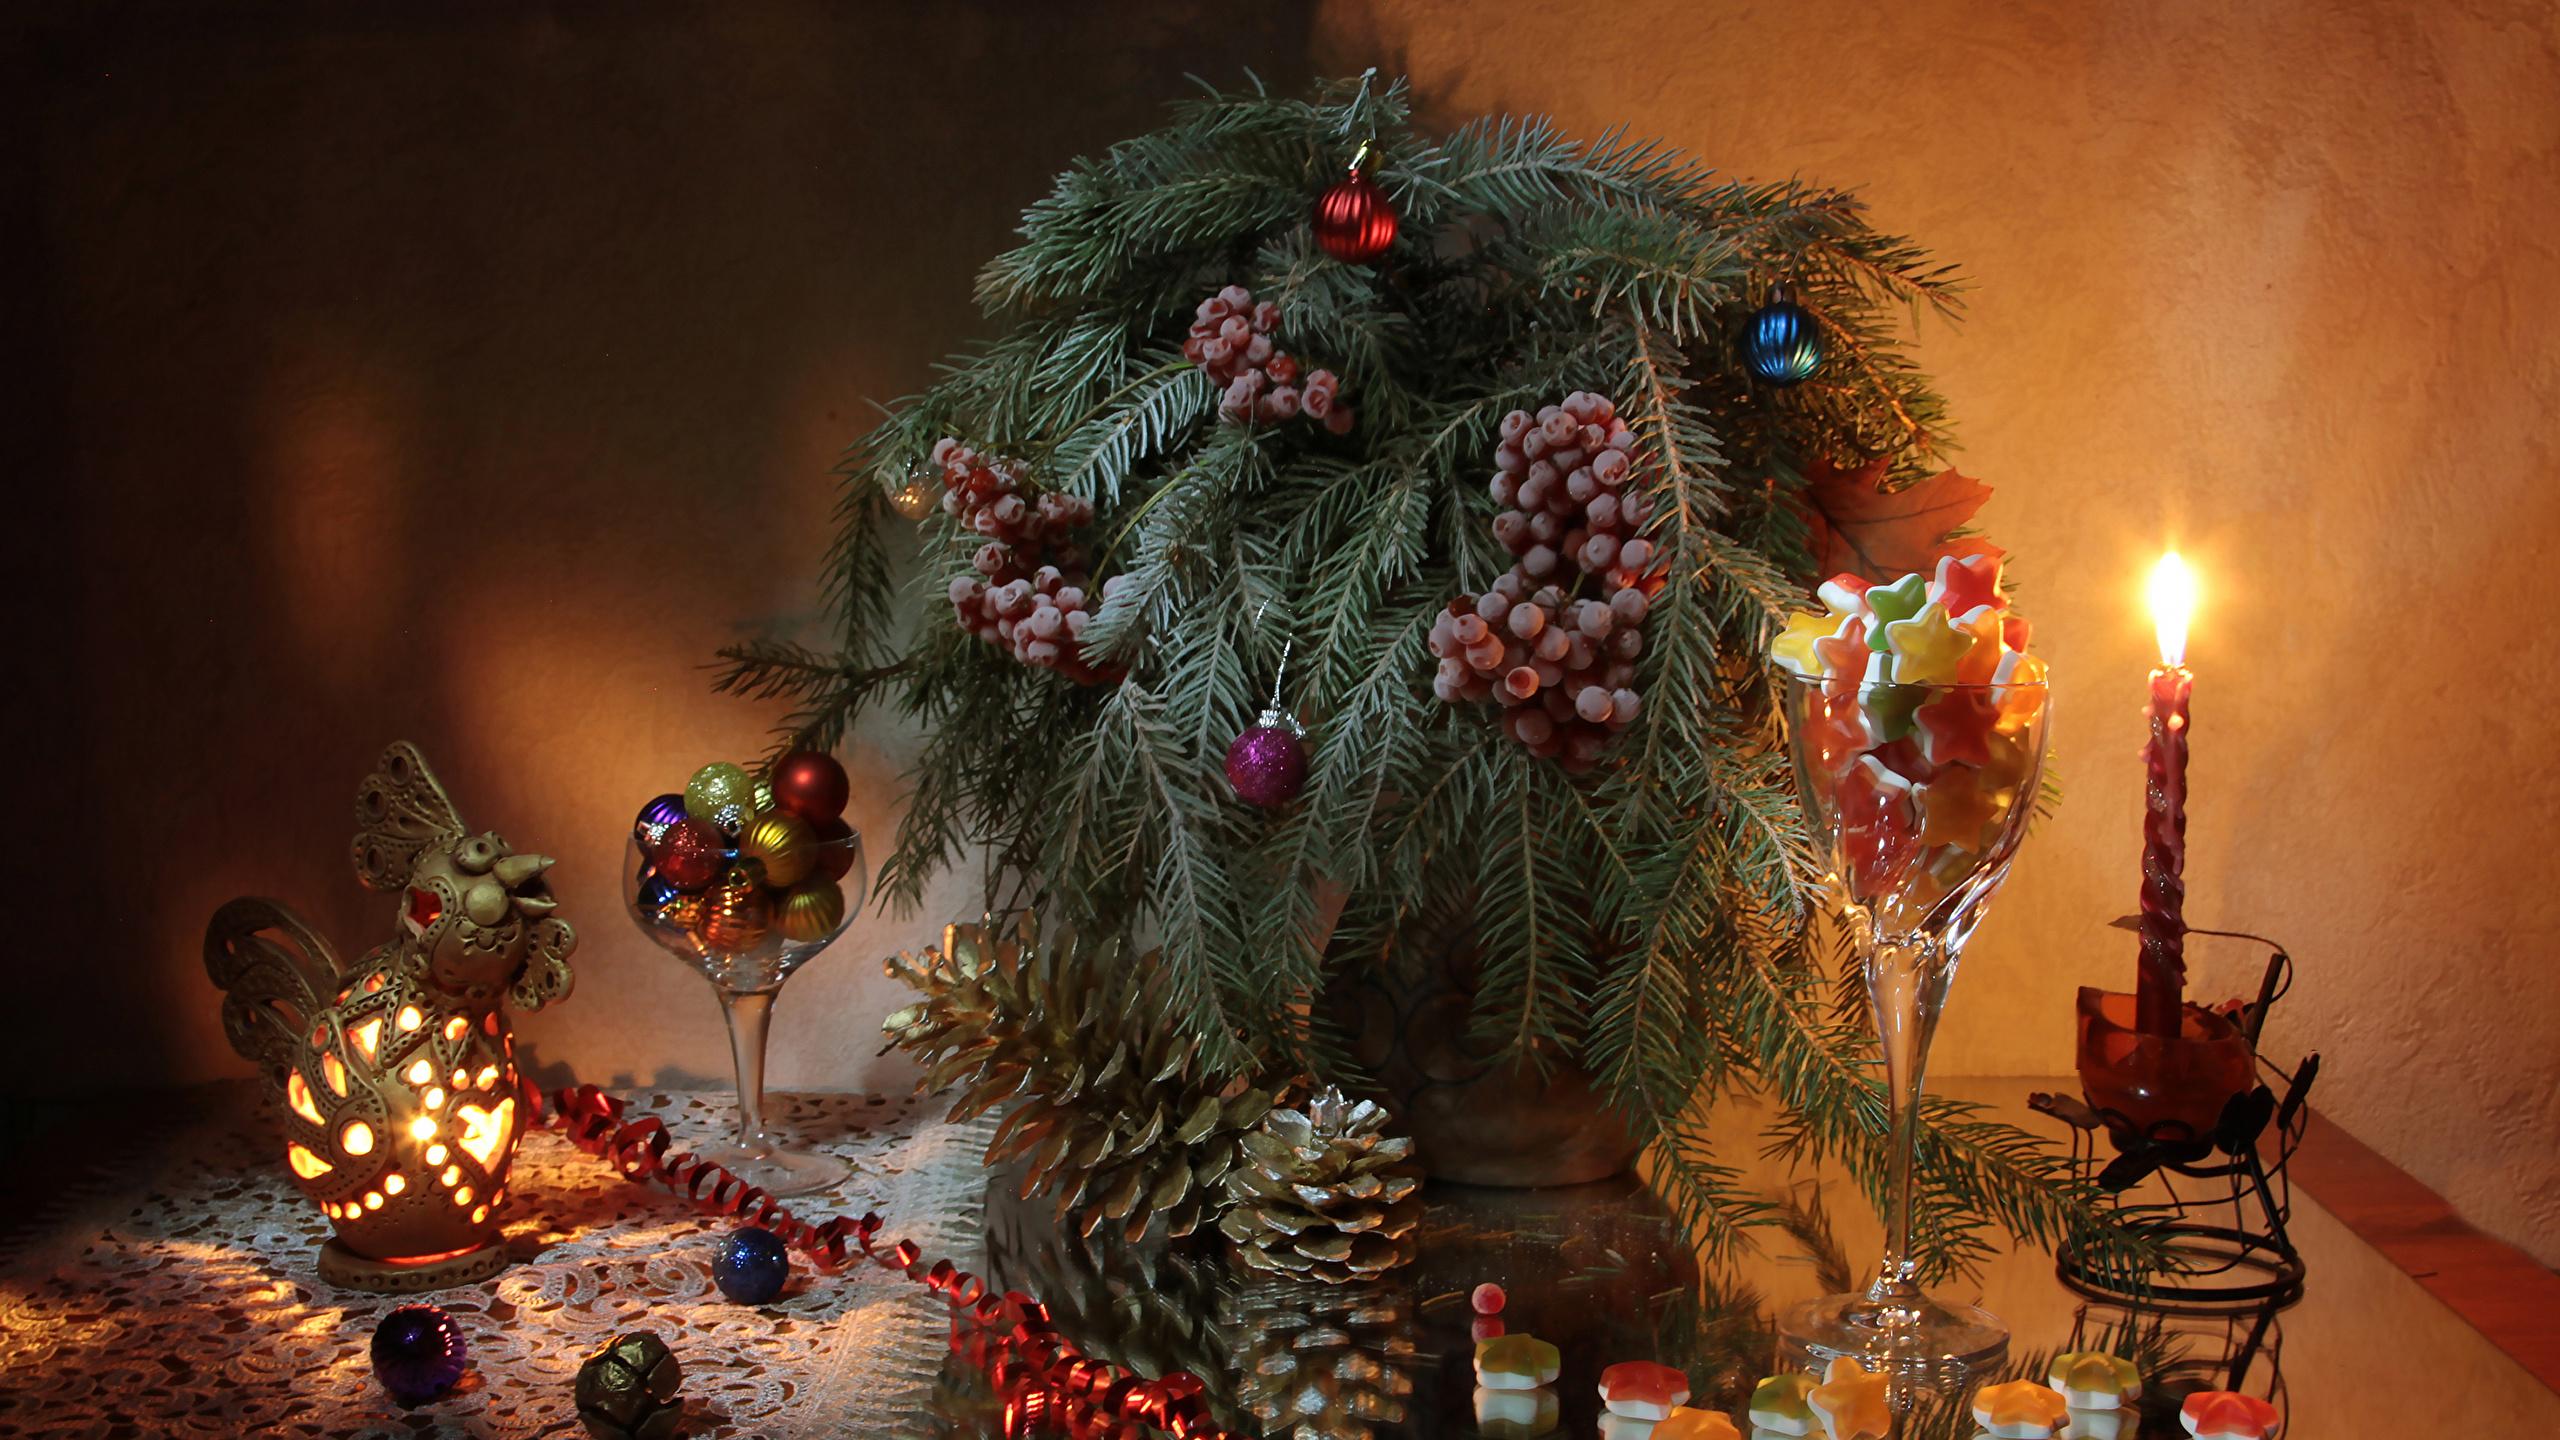 Фото Новый год Еда Шишки ветка Ягоды Свечи Шарики Сладости Натюрморт 2560x1440 Рождество Шар Пища шишка ветвь Ветки на ветке Продукты питания